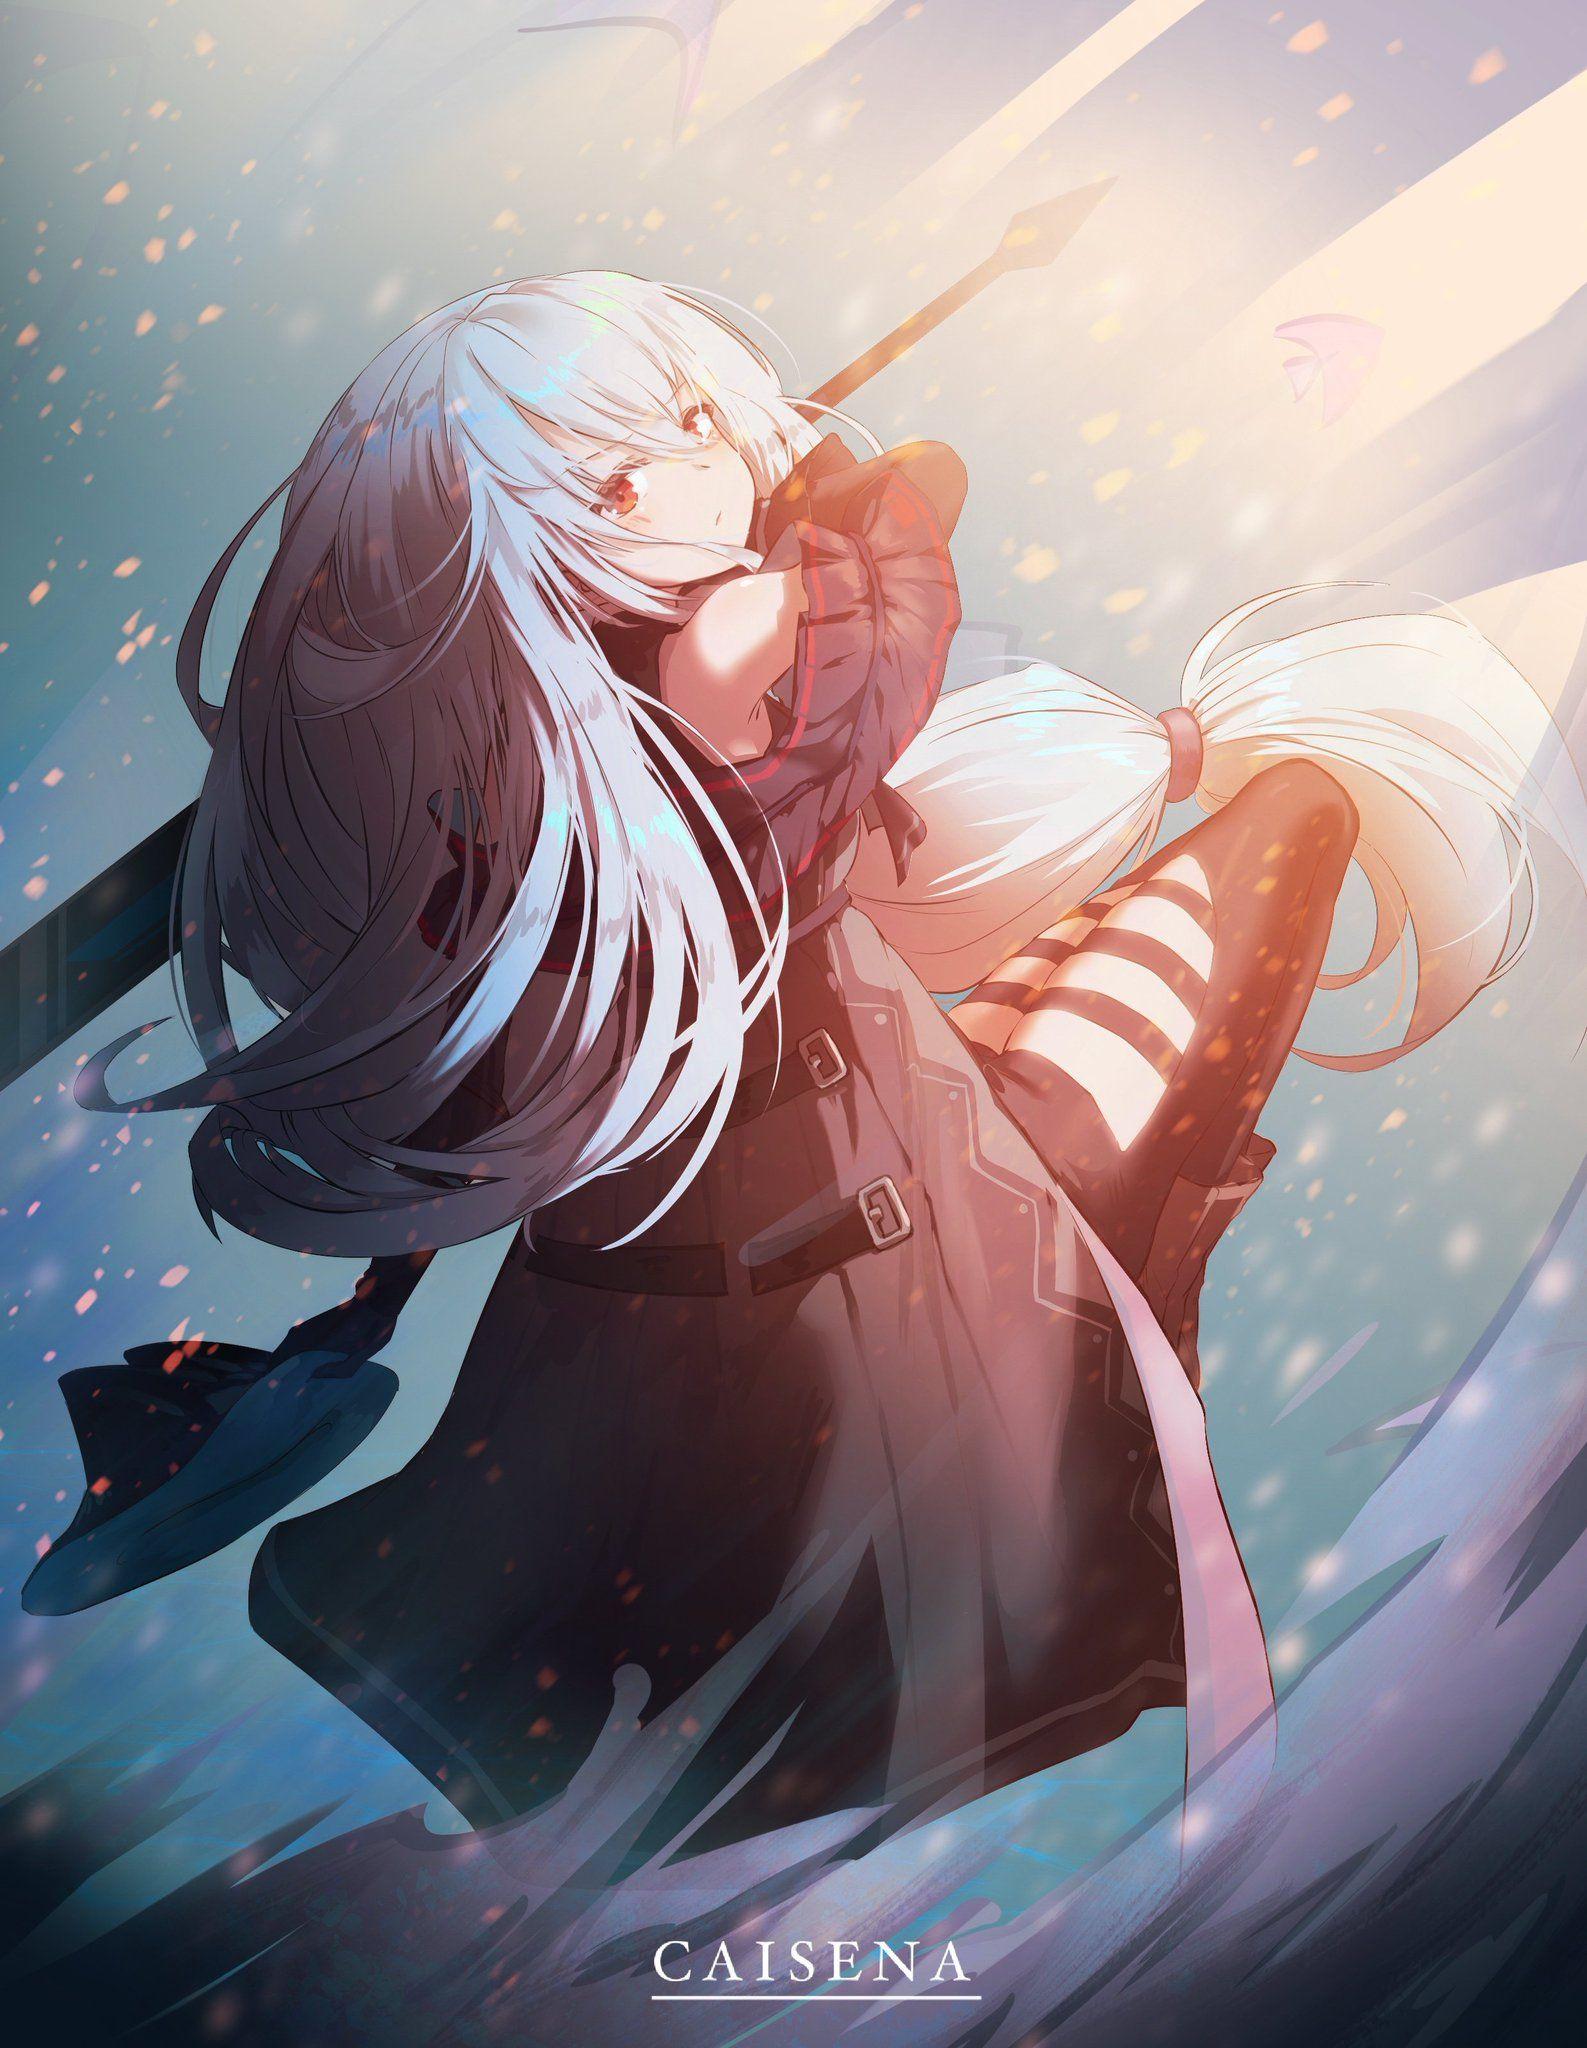 CAISENA on Twitter in 2020 Anime art, Anime, Anime art girl